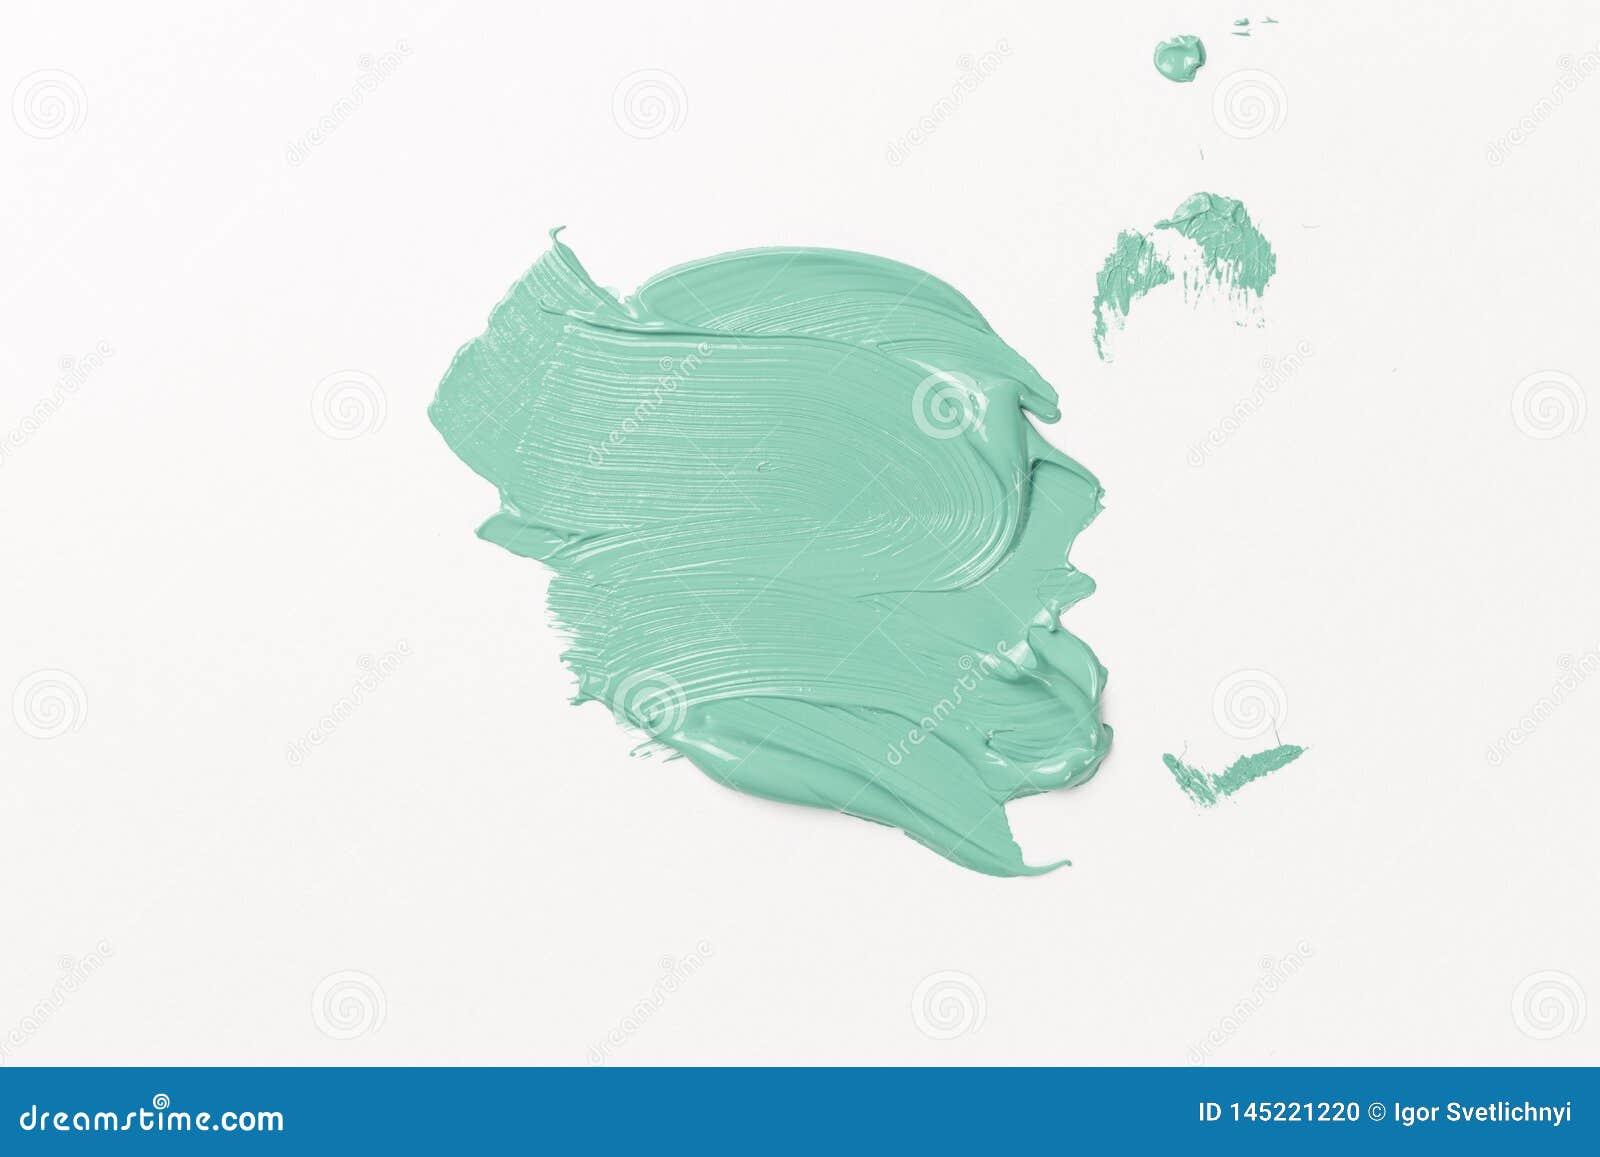 Αφηρημένη σύσταση του χρώματος μεντών σε χαρτί